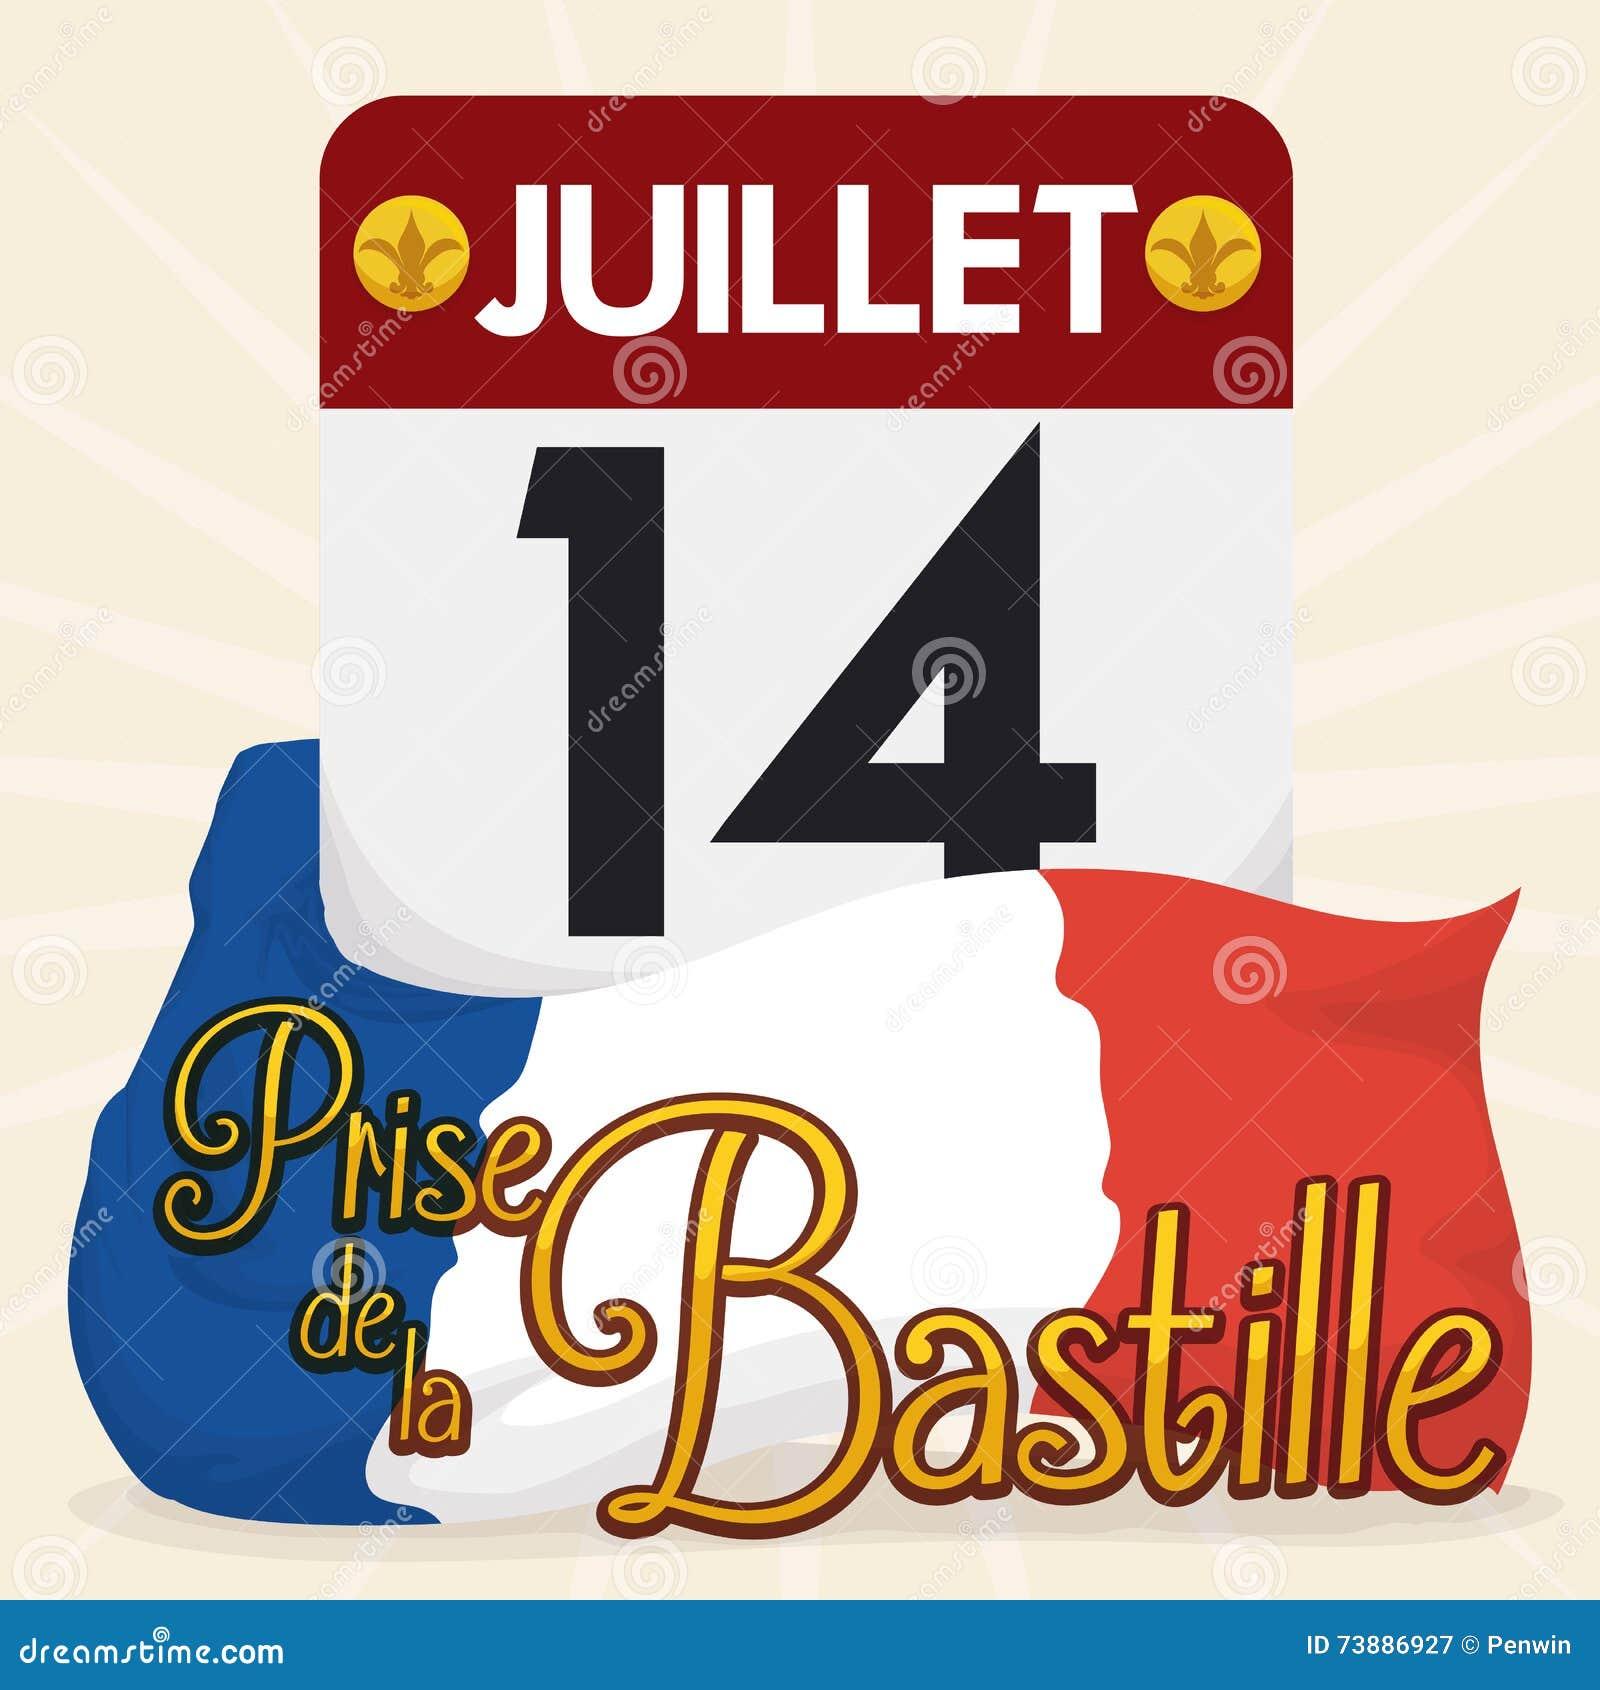 Event Calendar Illustration : Loose leaf calendar with bastille date event vector